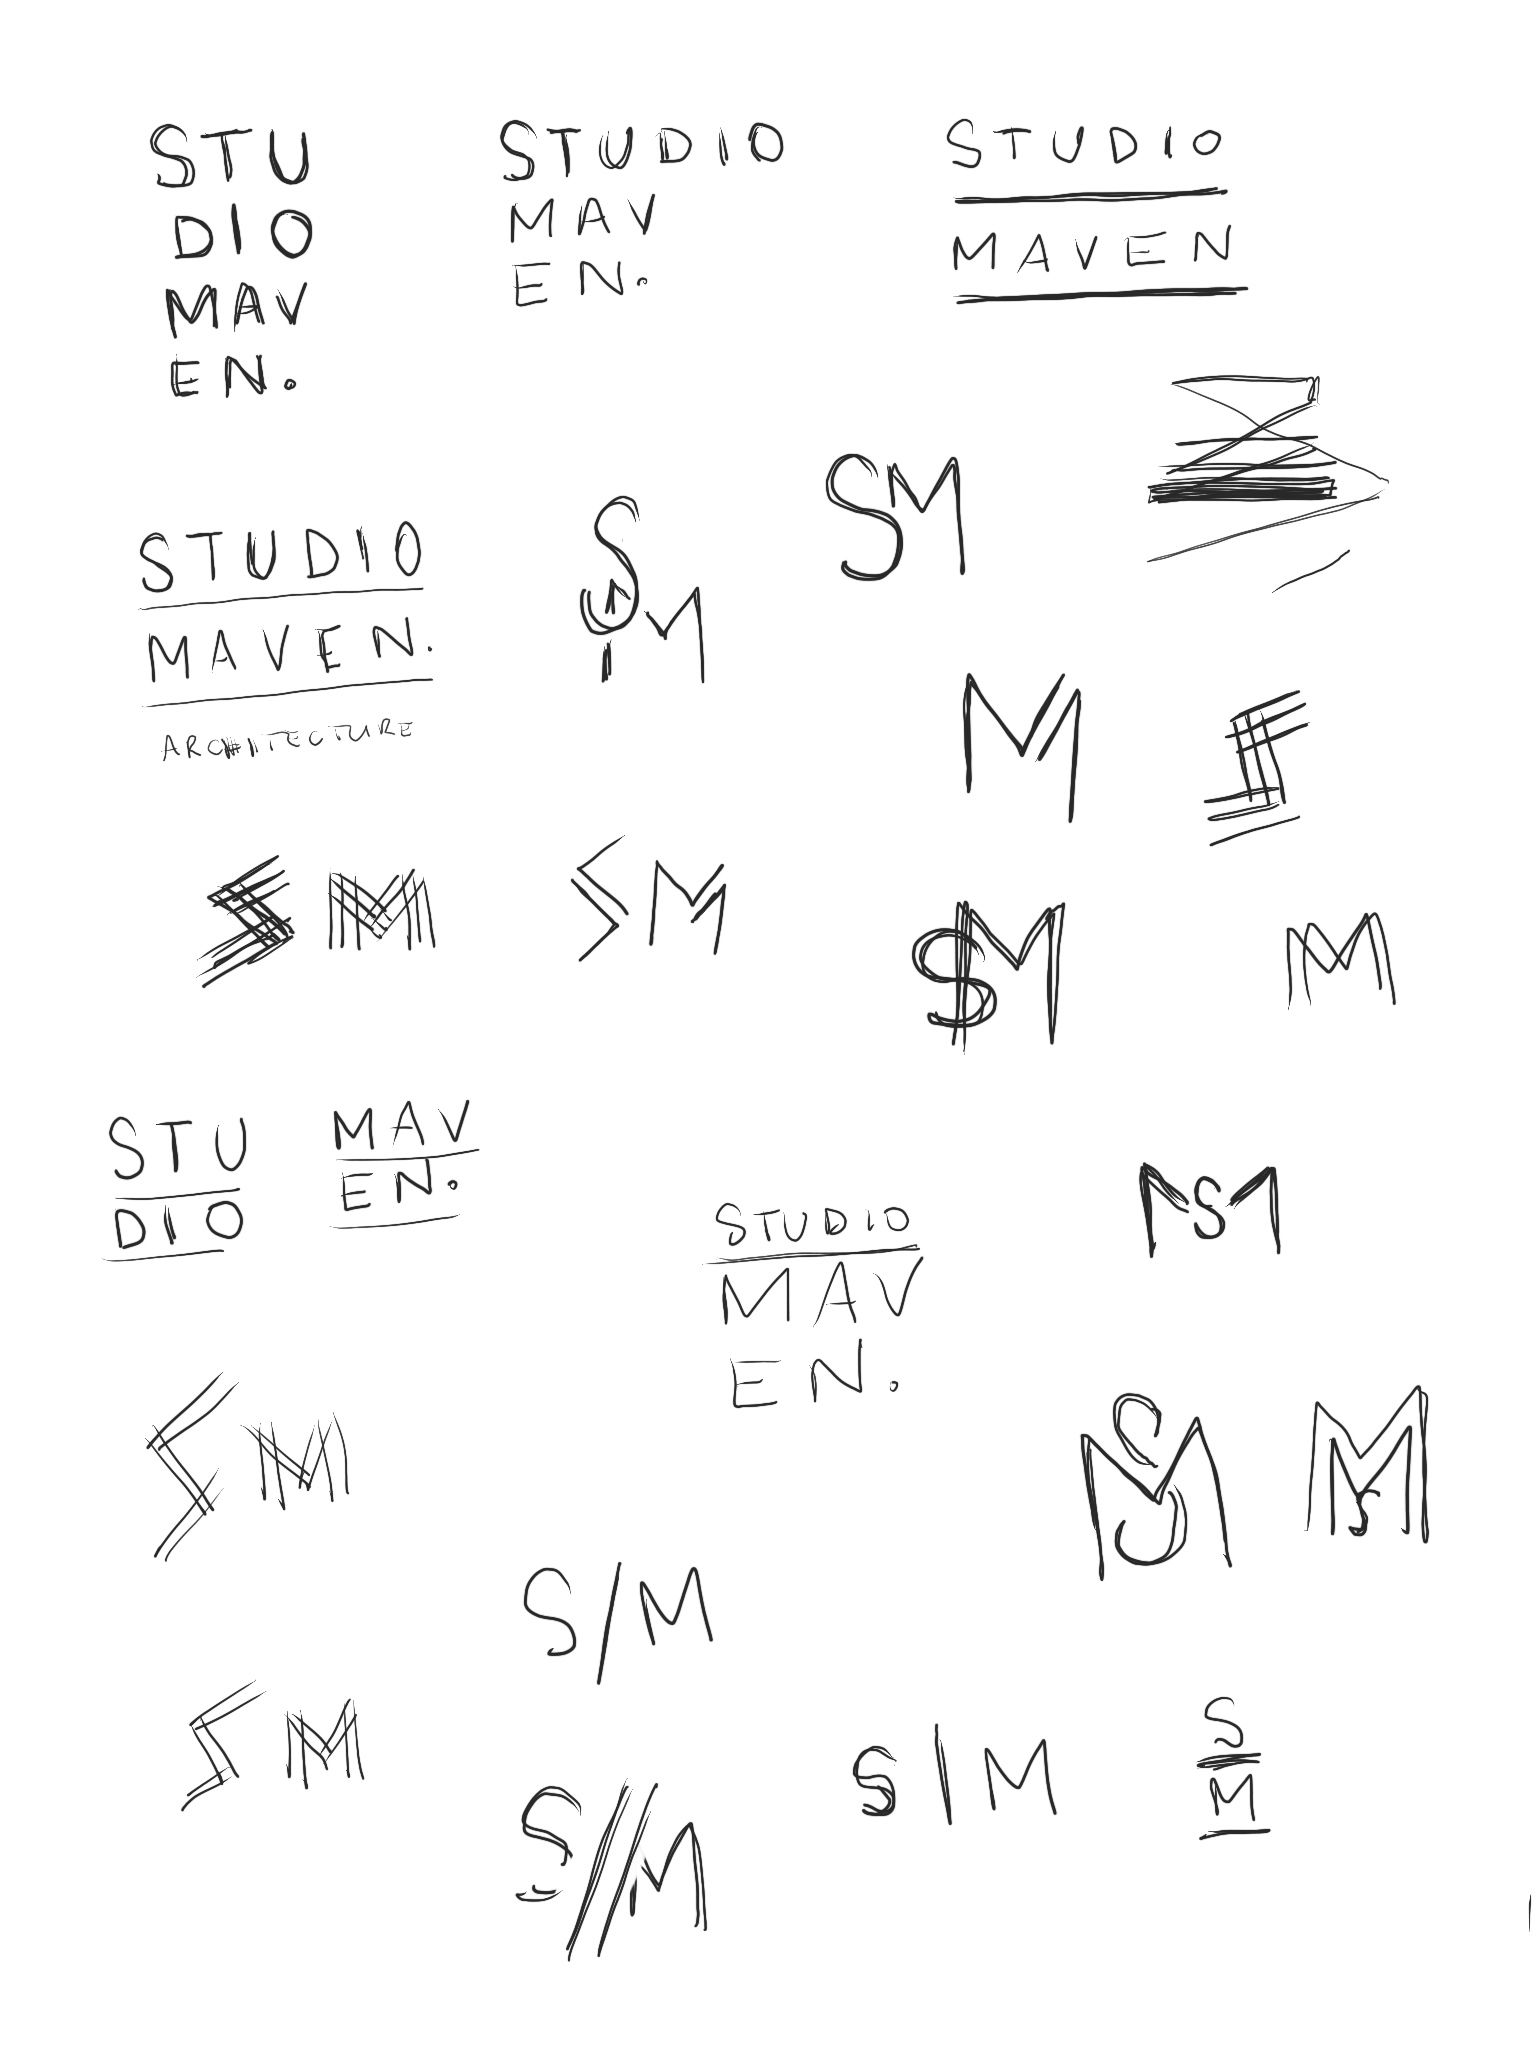 studio maven architecture brand design by Function Creative Co.